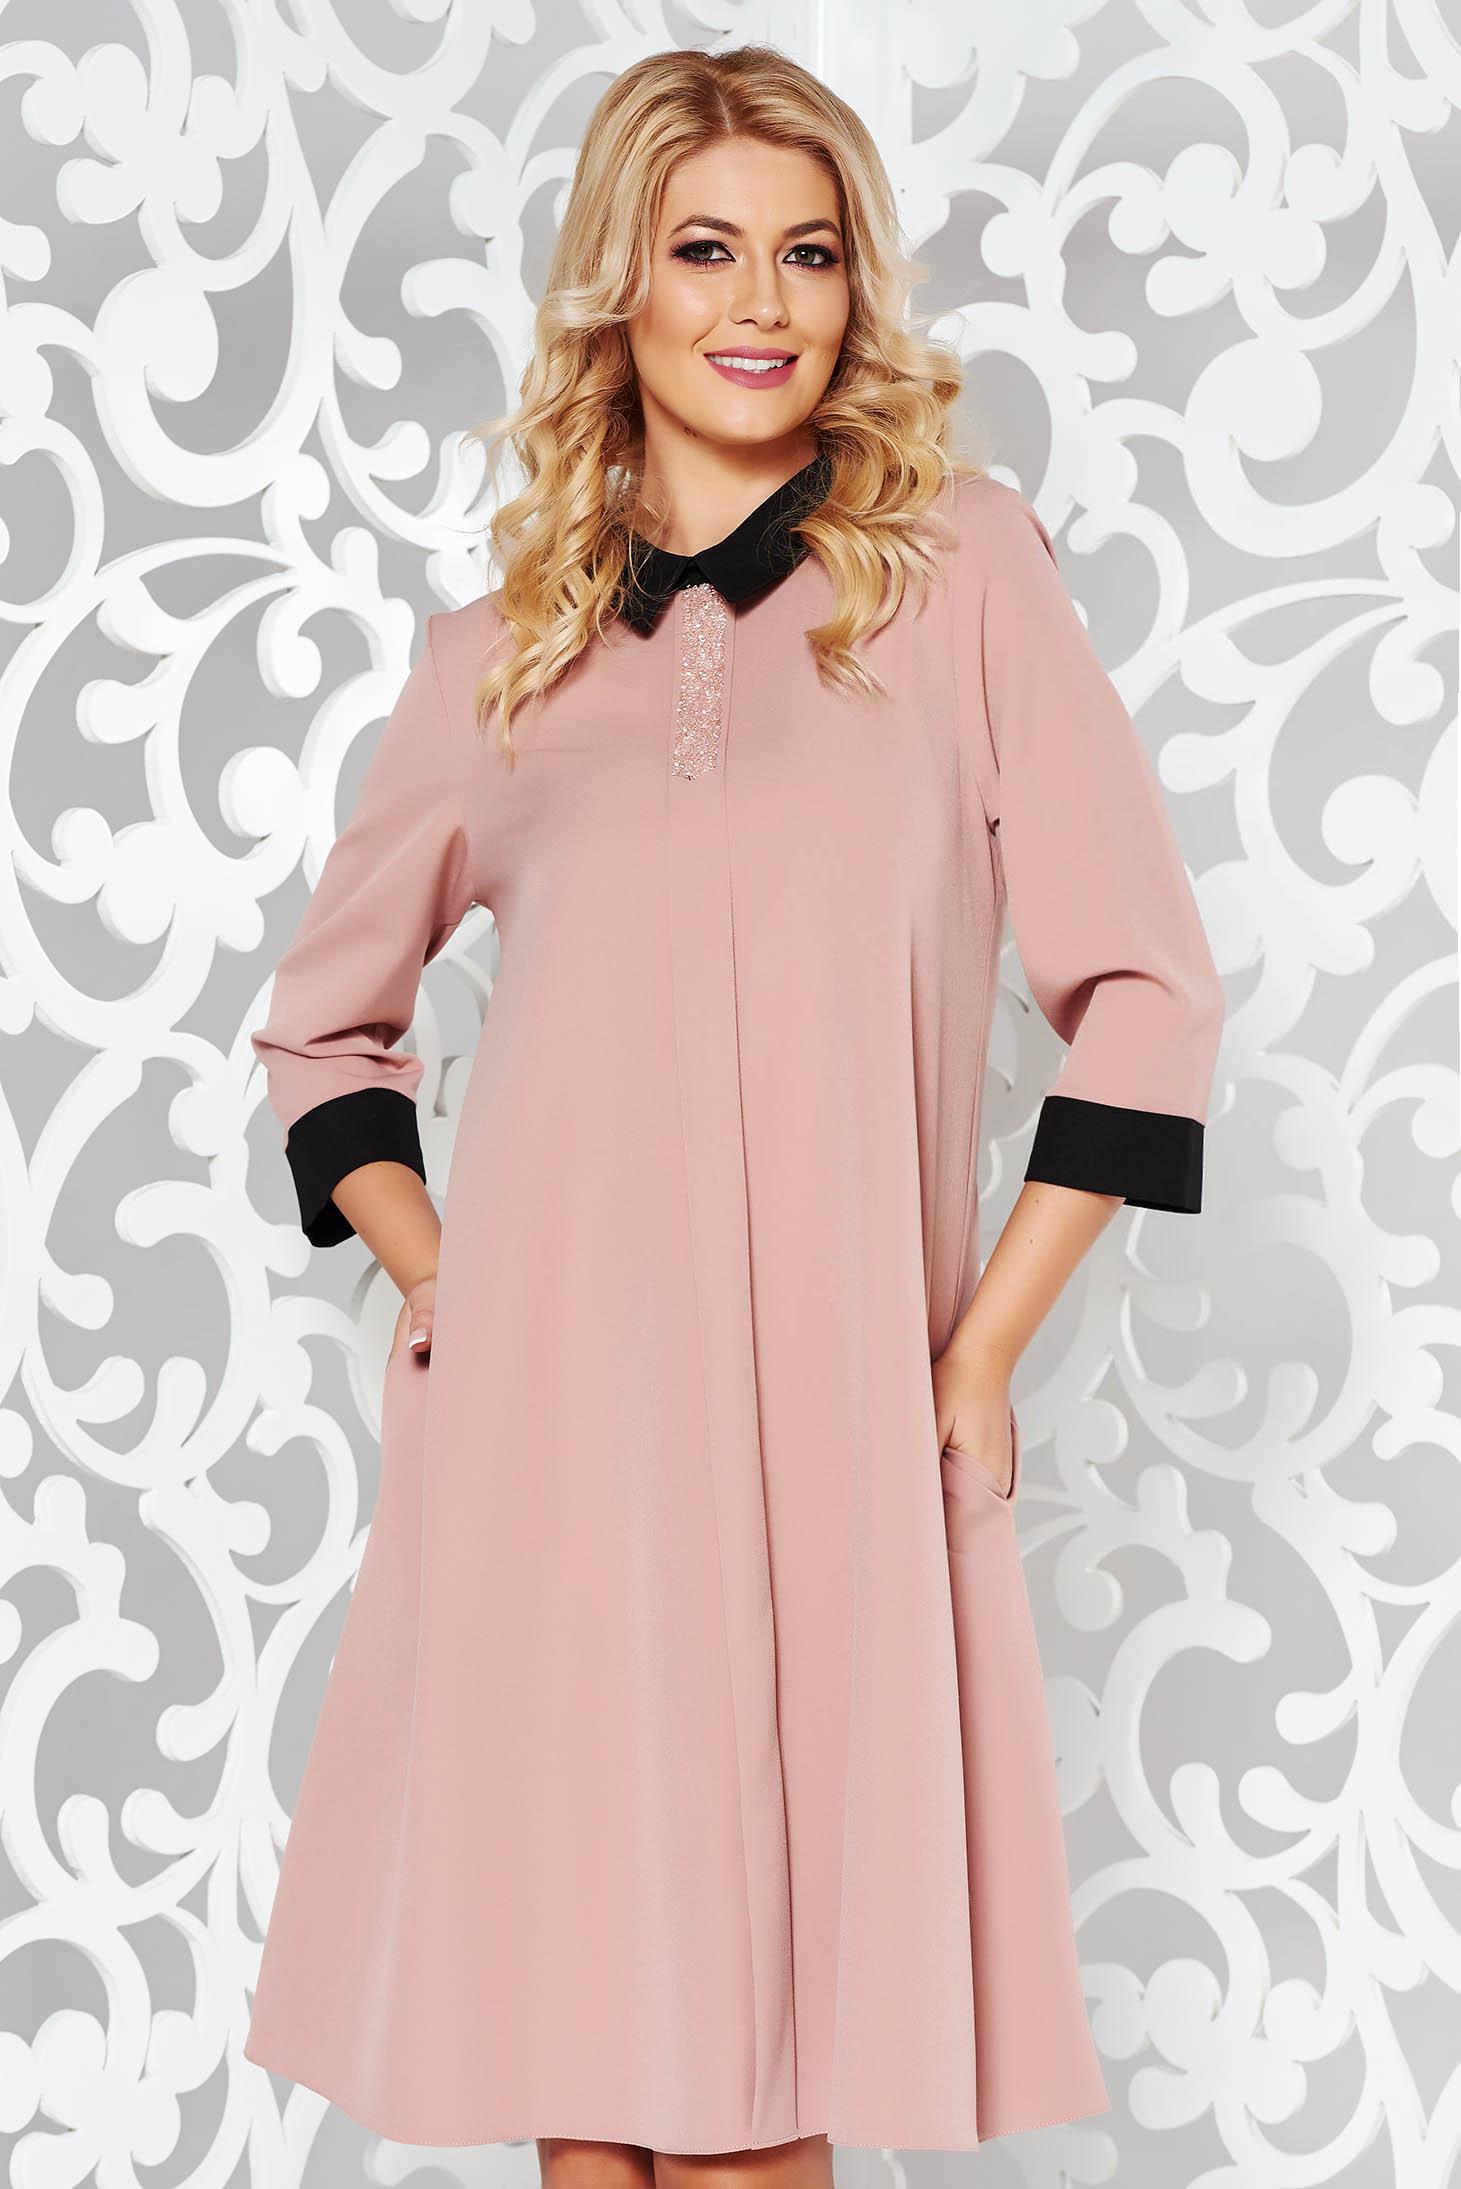 Rochie rosa eleganta cu croi larg din material usor elastic cu aplicatii stralucitoare si cu buzunare